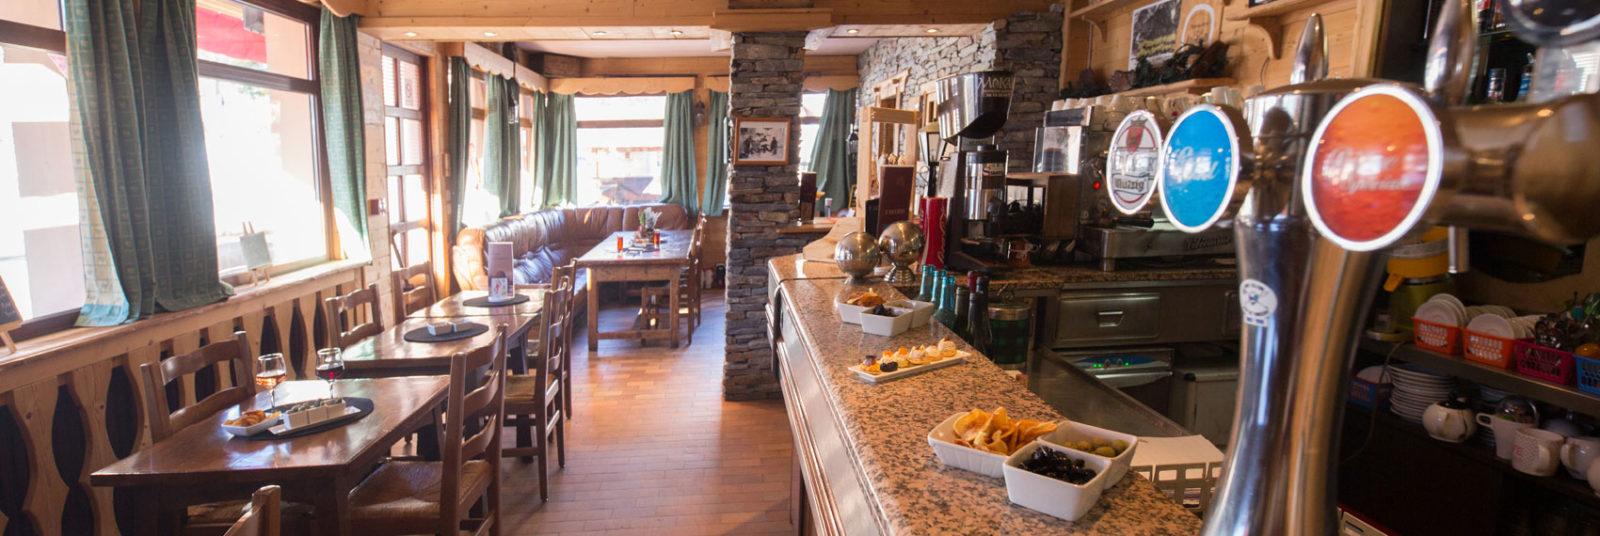 Hôtel Aigliere bar